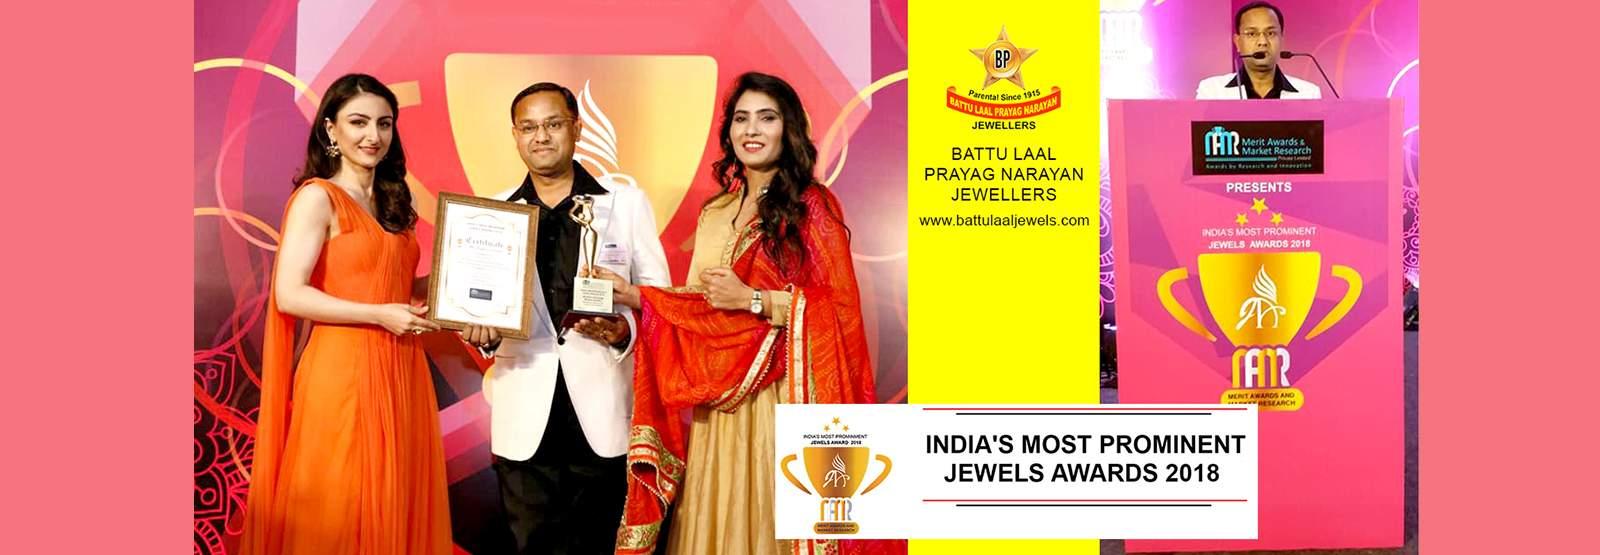 Kumauni and Garhwali Jewellery